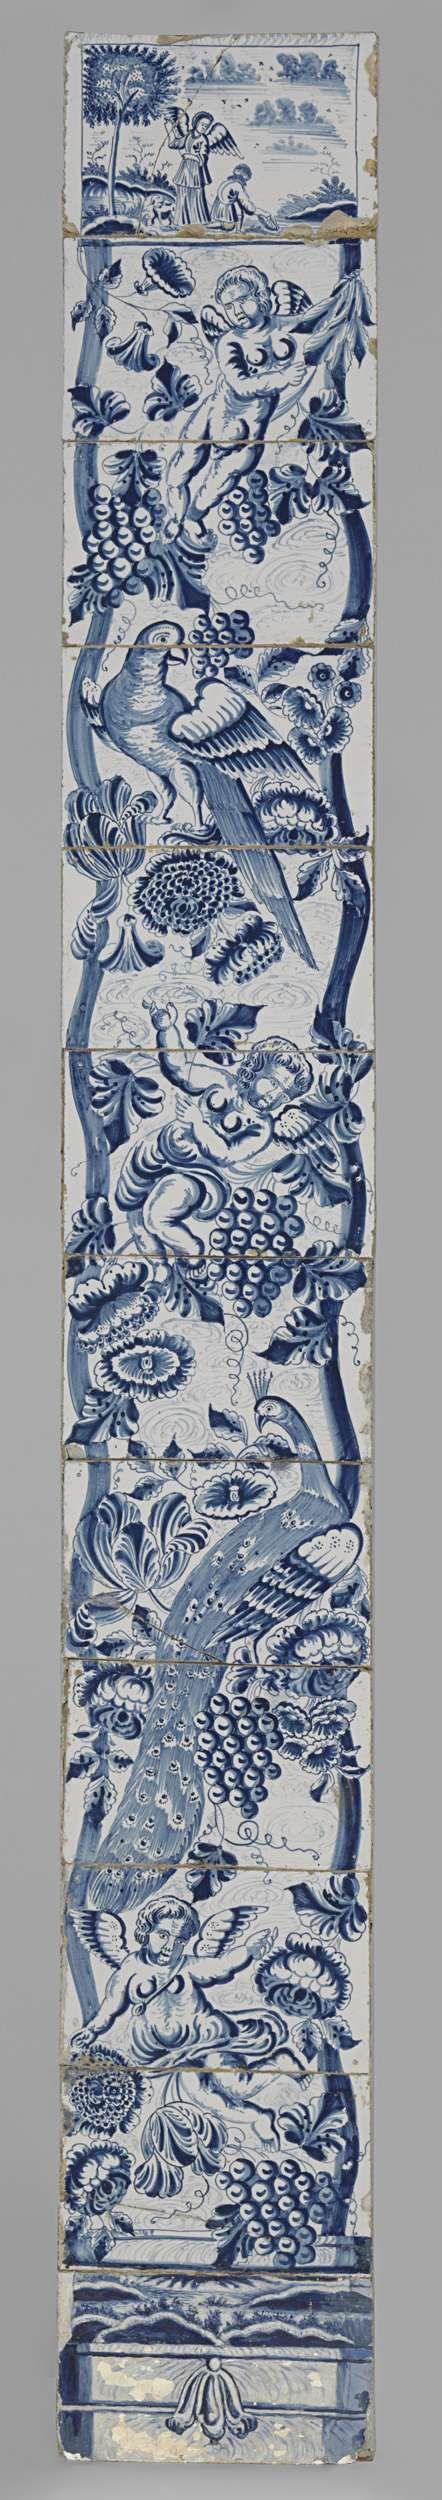 Tegeltableau met in blauw geschilderde getorste zuil waaromheen geslingerd bloemen, druiventrossen, een pauw, een papegaai en drie putti, bovenaan Tobias en de Engel, anoniem, ca. 1740 - ca. 1760